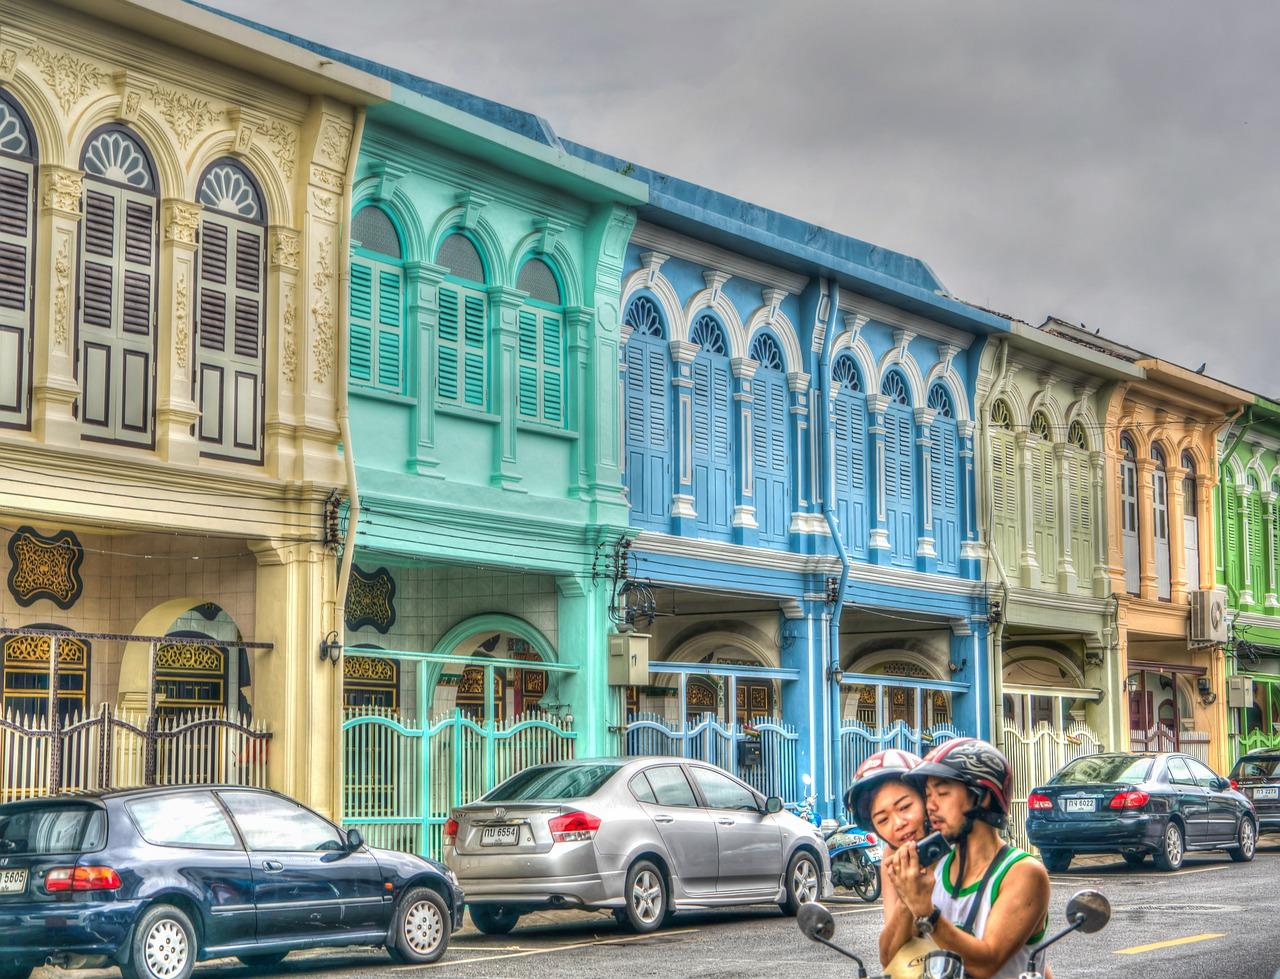 Phuket Town - 3 days in Phuket